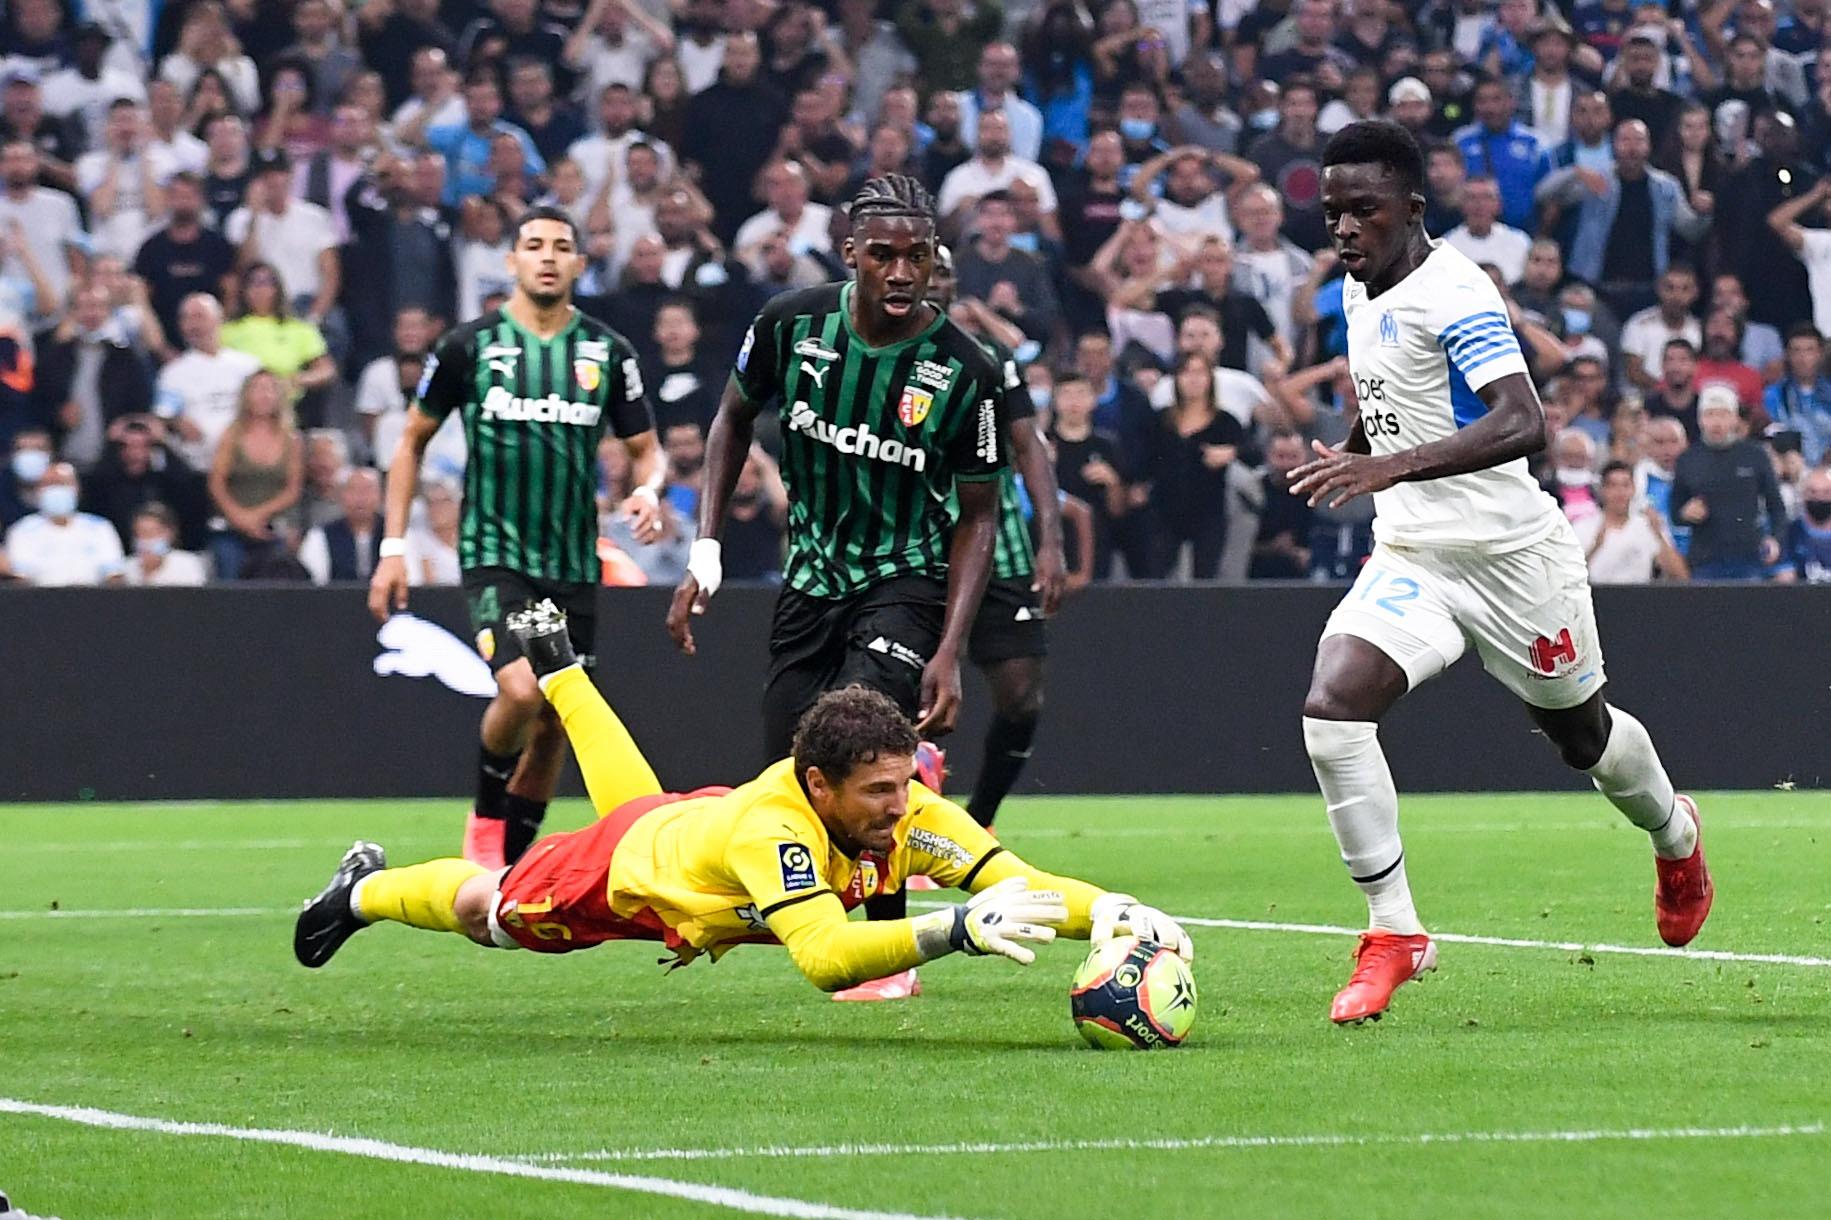 """OM/Lens (2-3) - Leca : """"Le match aurait pu basculer en notre défaveur à 2-2"""""""